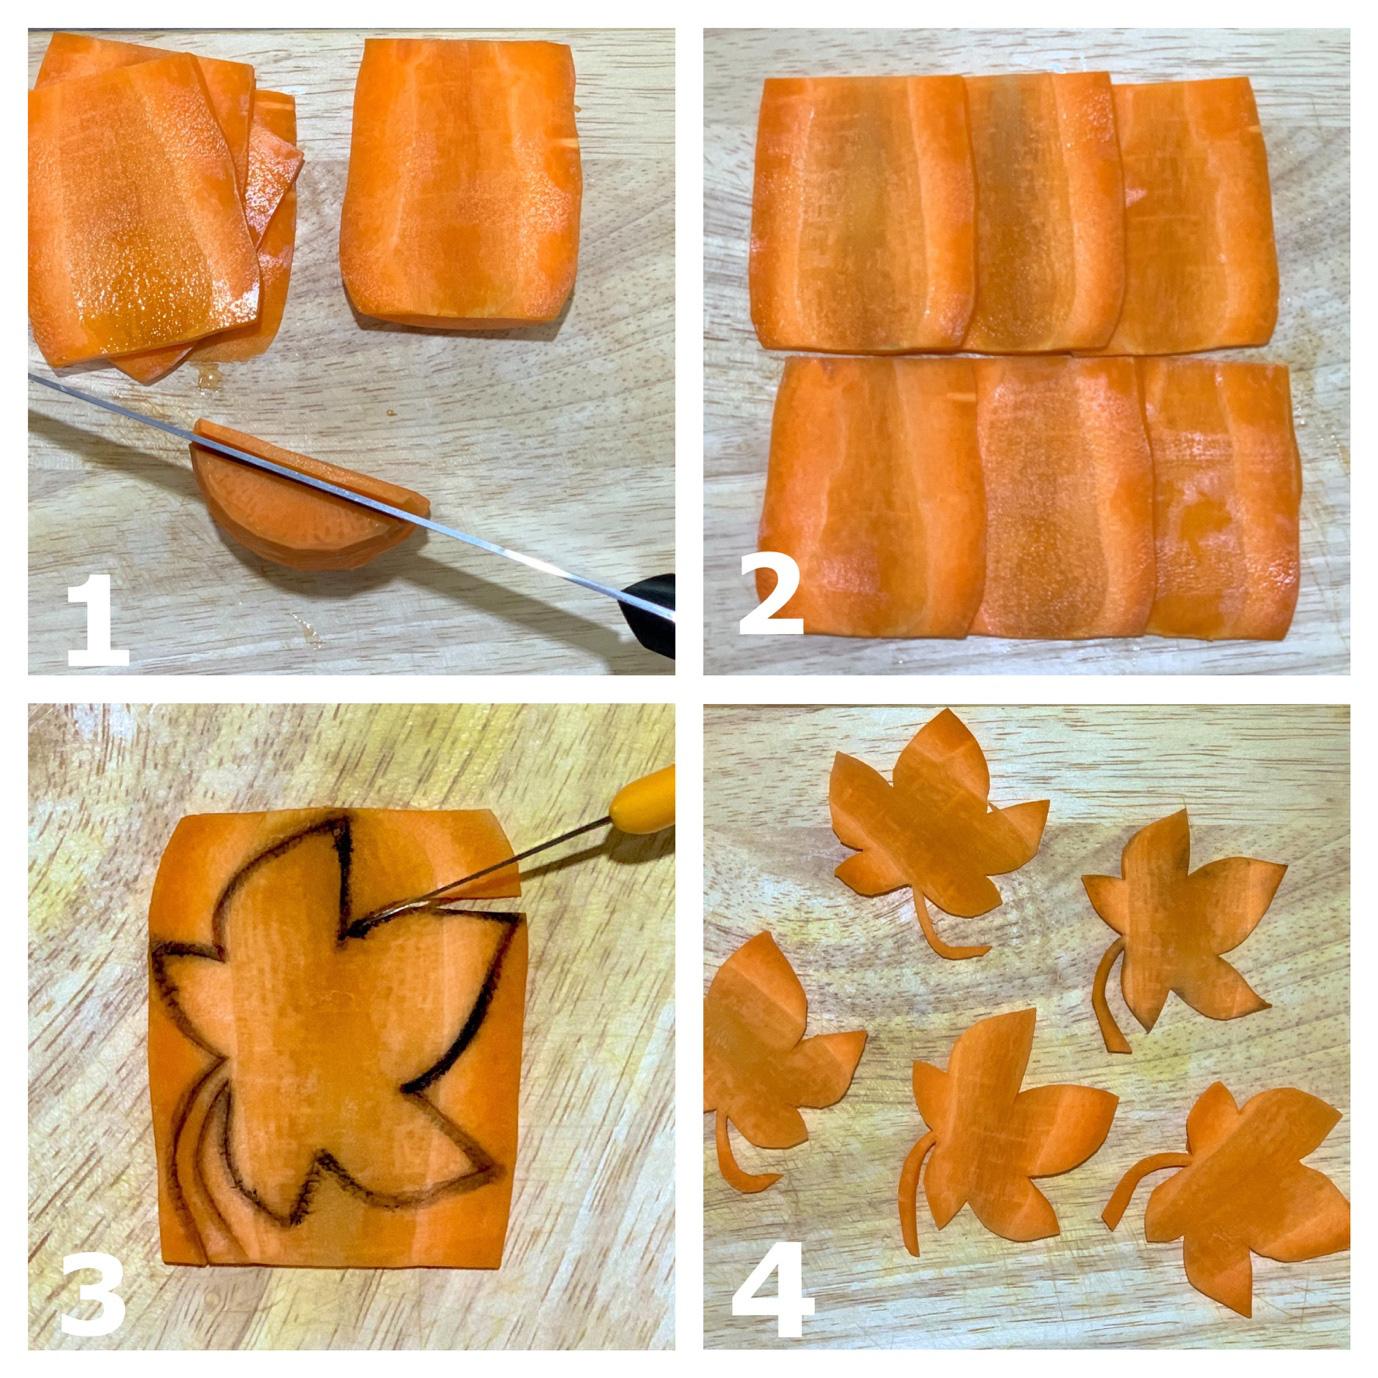 Học ngay cách cắt tỉa cà rốt thành lá phong trang trí đĩa ăn thật đẹp và lãng mạn - Ảnh 3